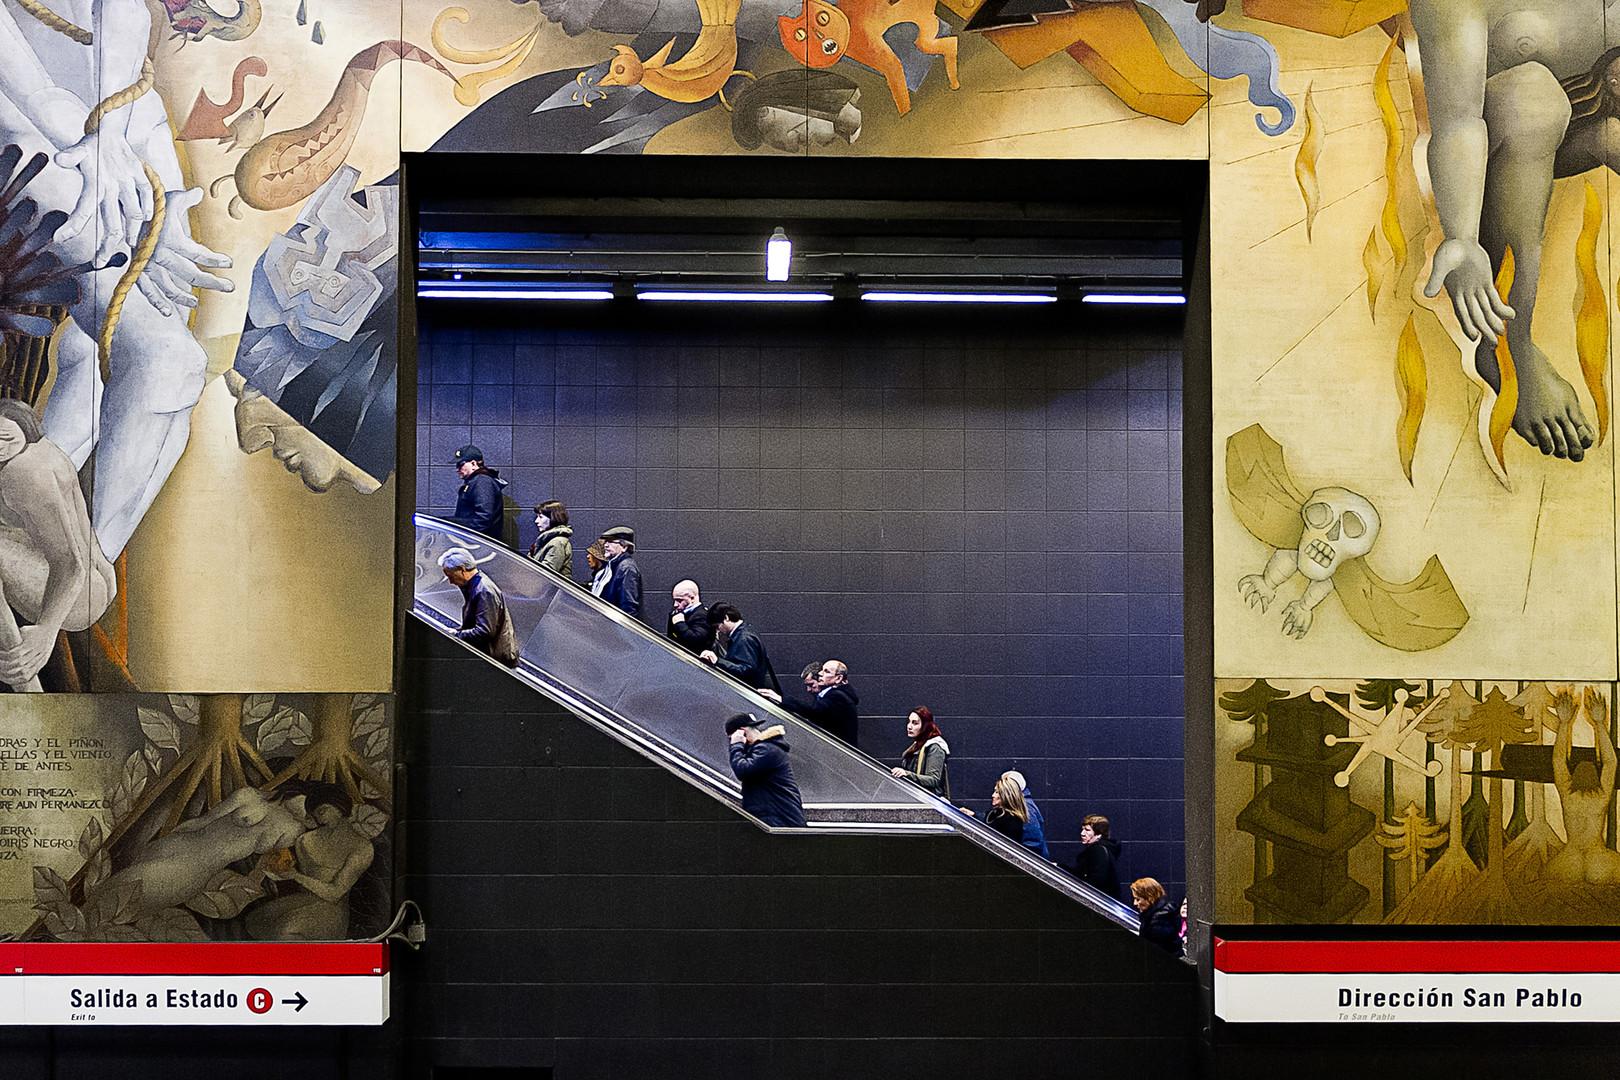 Escaleras del metro Universidad de Chile